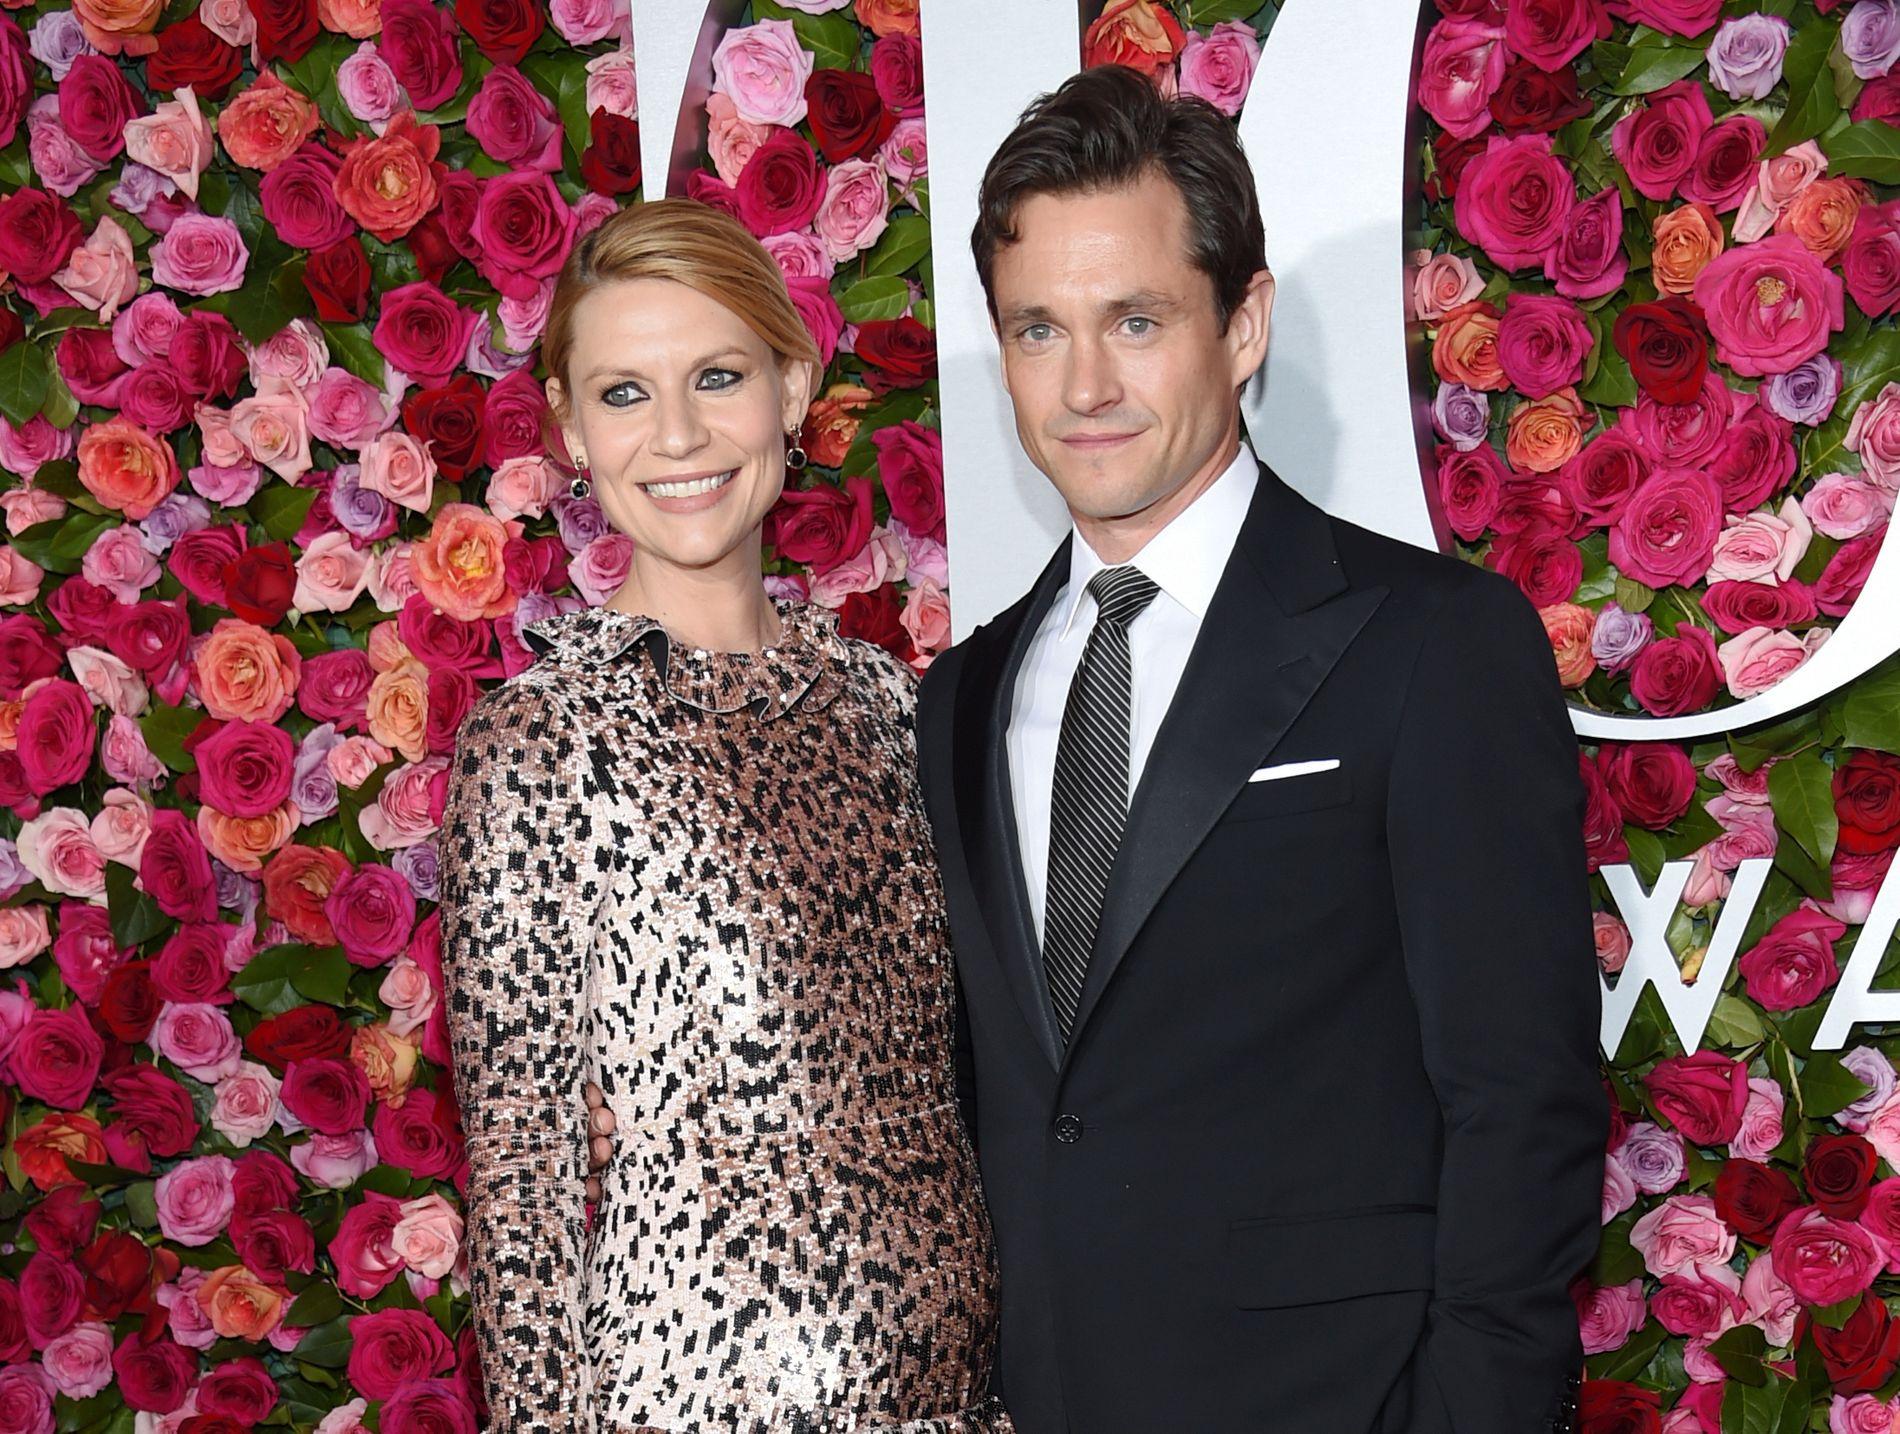 FIKK SØNN: Claire Danes og Hugh Dancy, her fra Tony Awards i juni, fikk mandag sitt andre barn sammen.